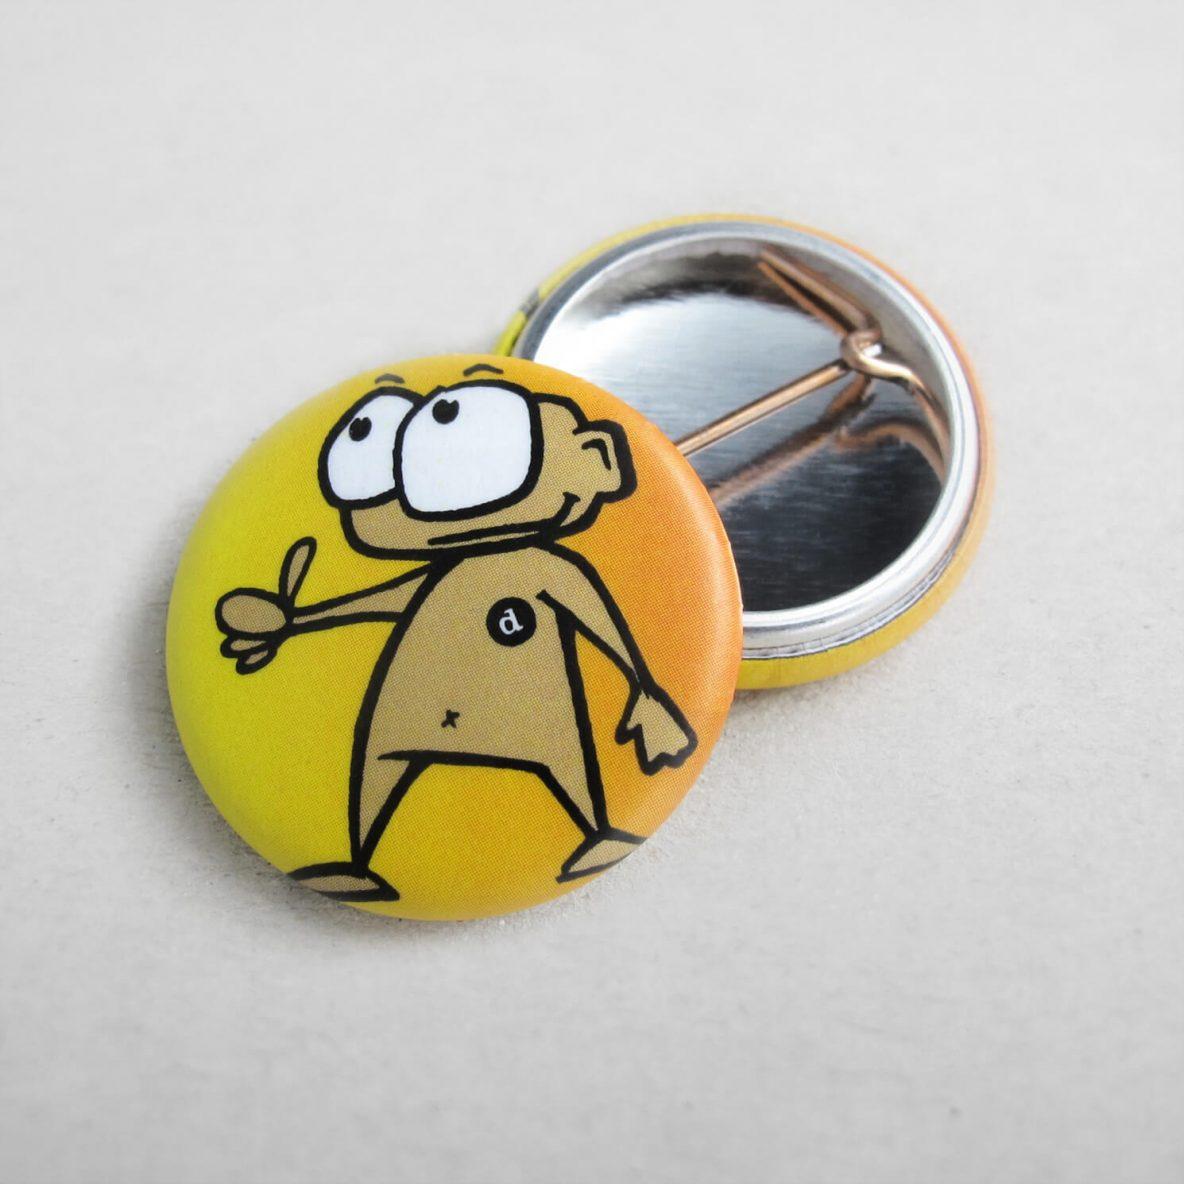 25mm Buttons Matt